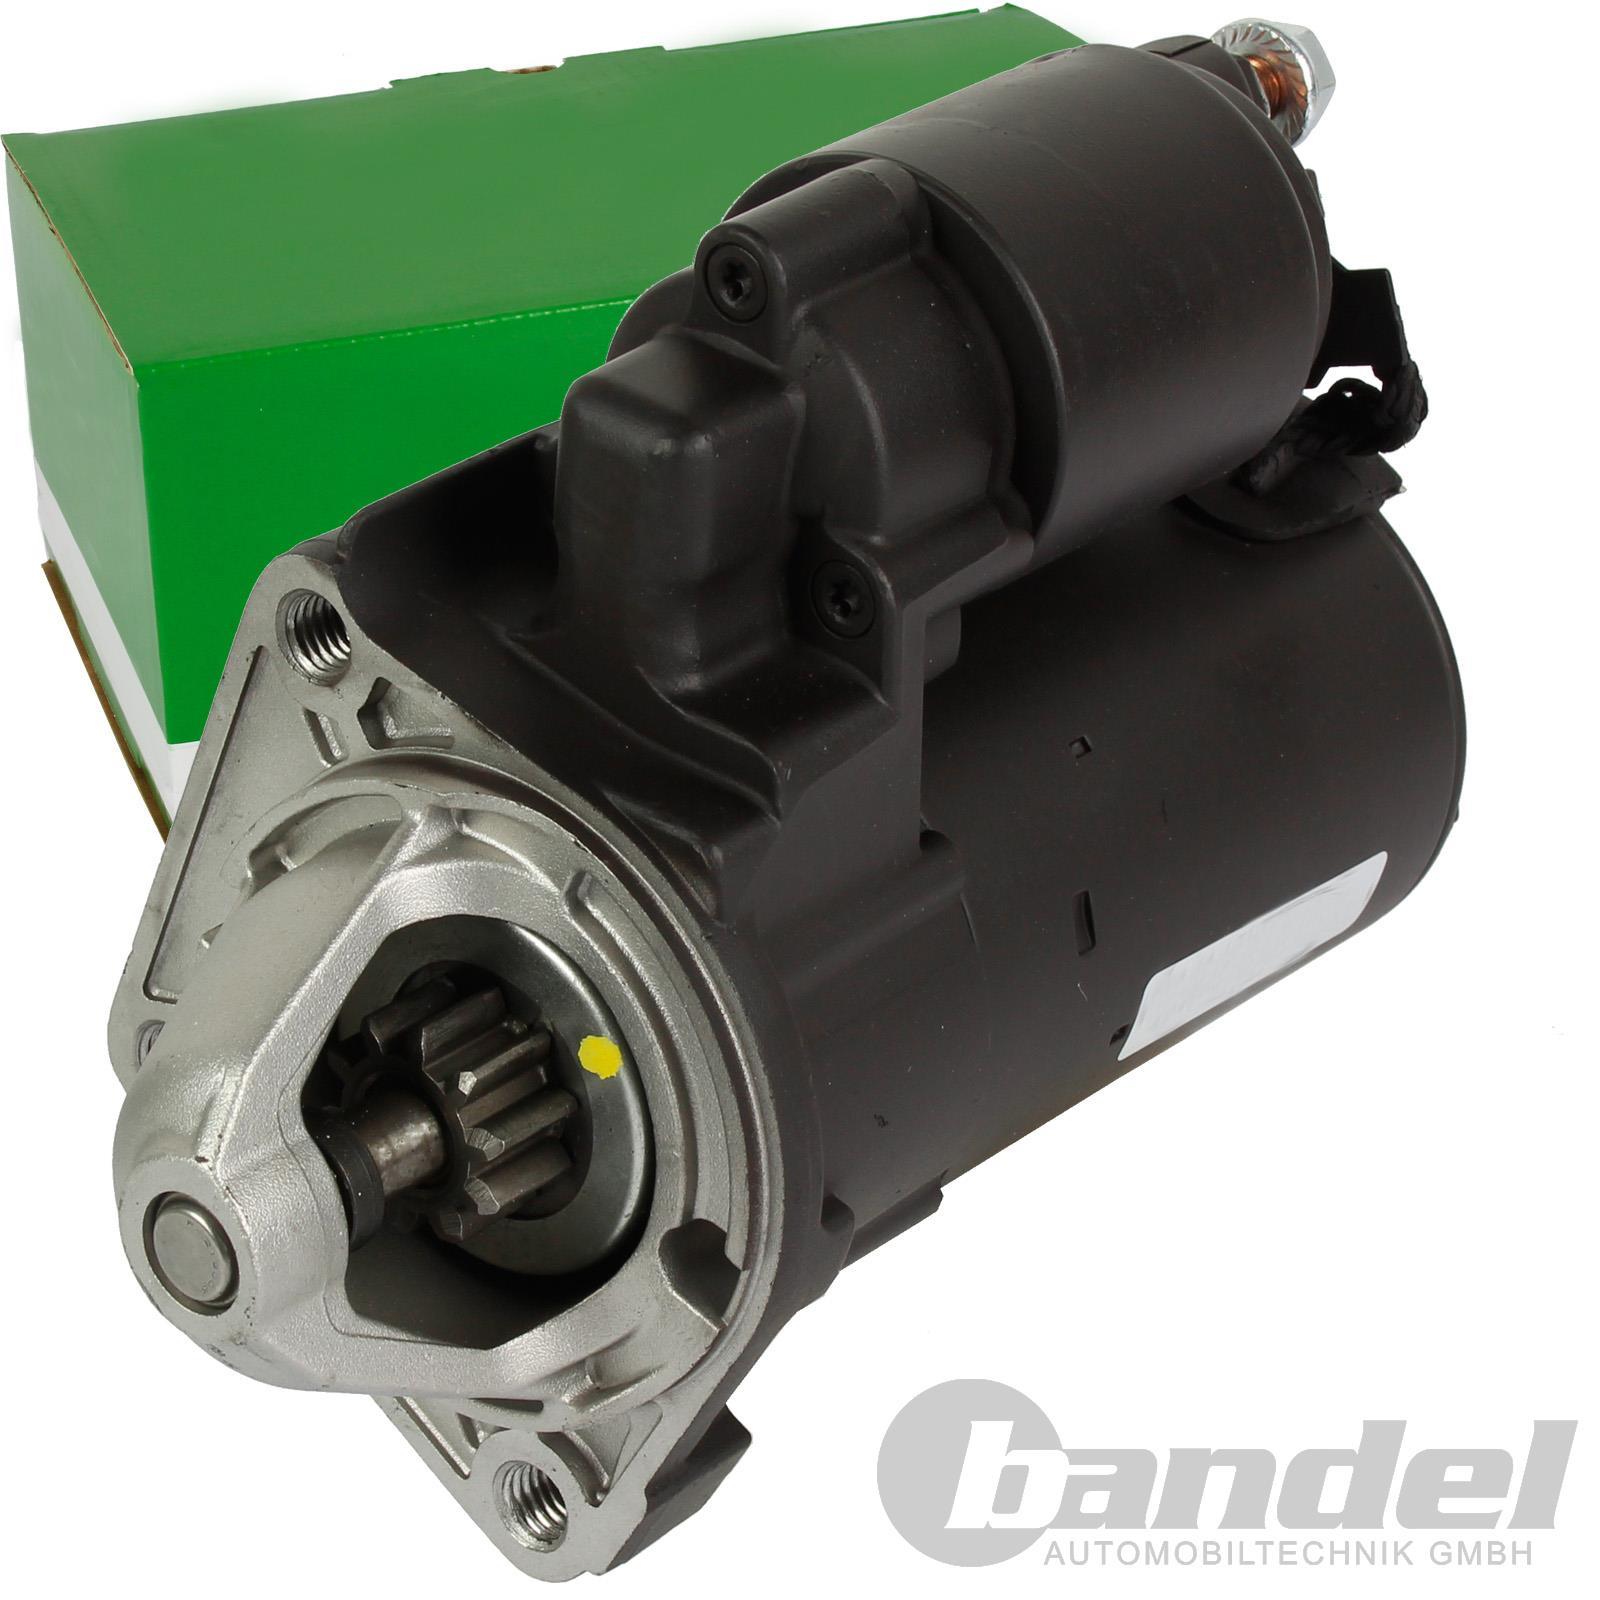 KASTEN 1.3 KA 1.3i ATL ANLASSER STARTER 1,1 kW FORD FIESTA IV 1.3i